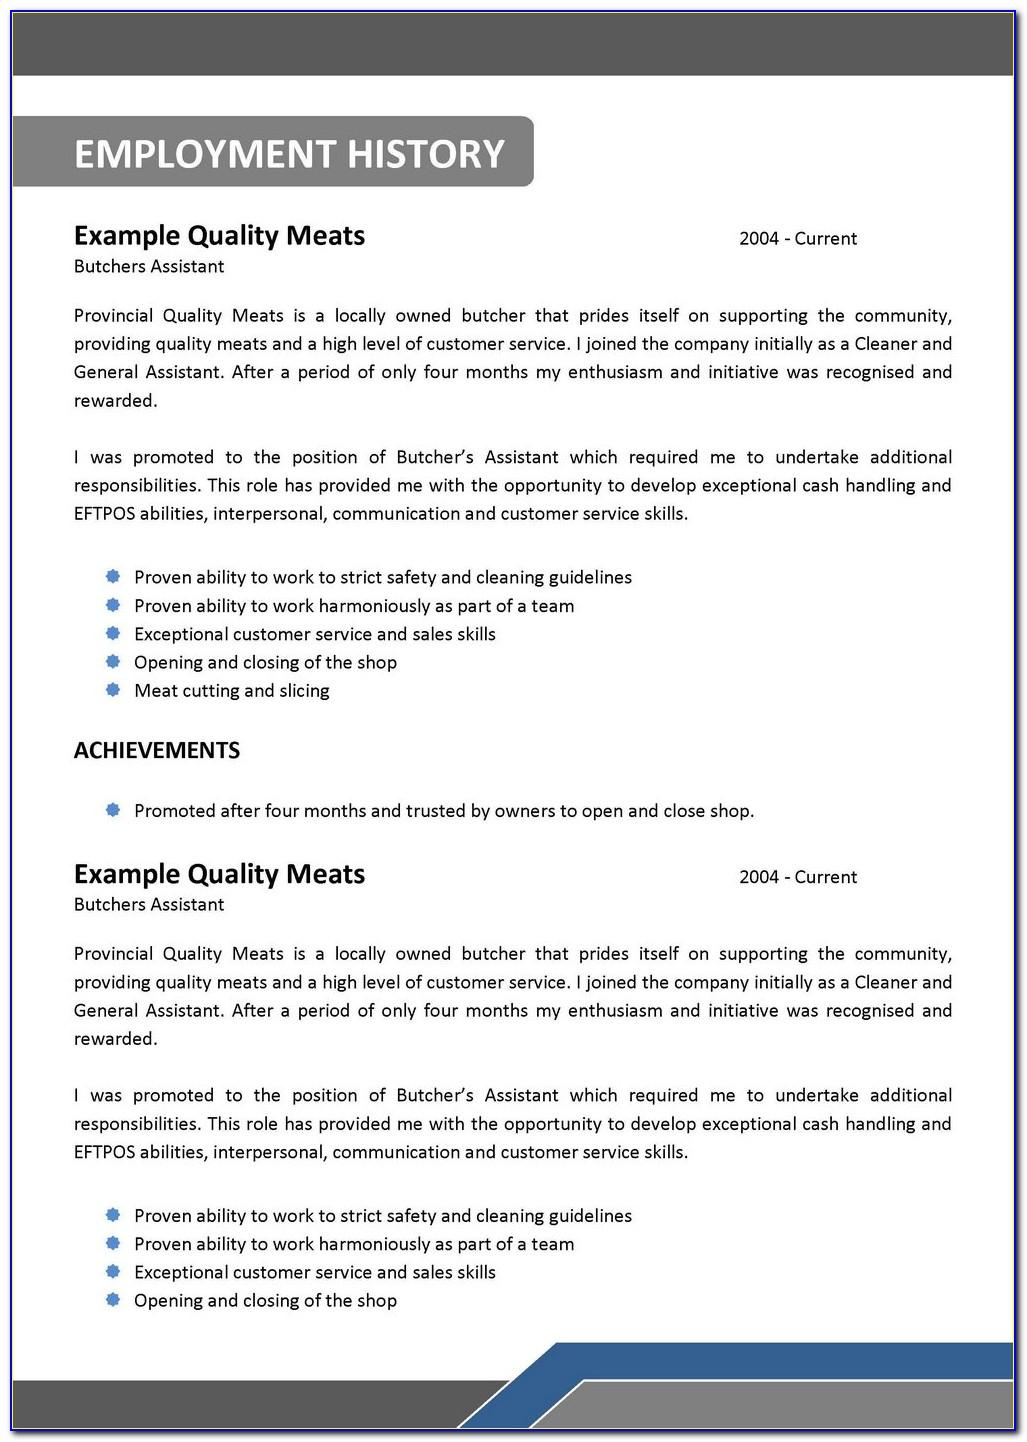 Online Resume Maker For Mba Freshers